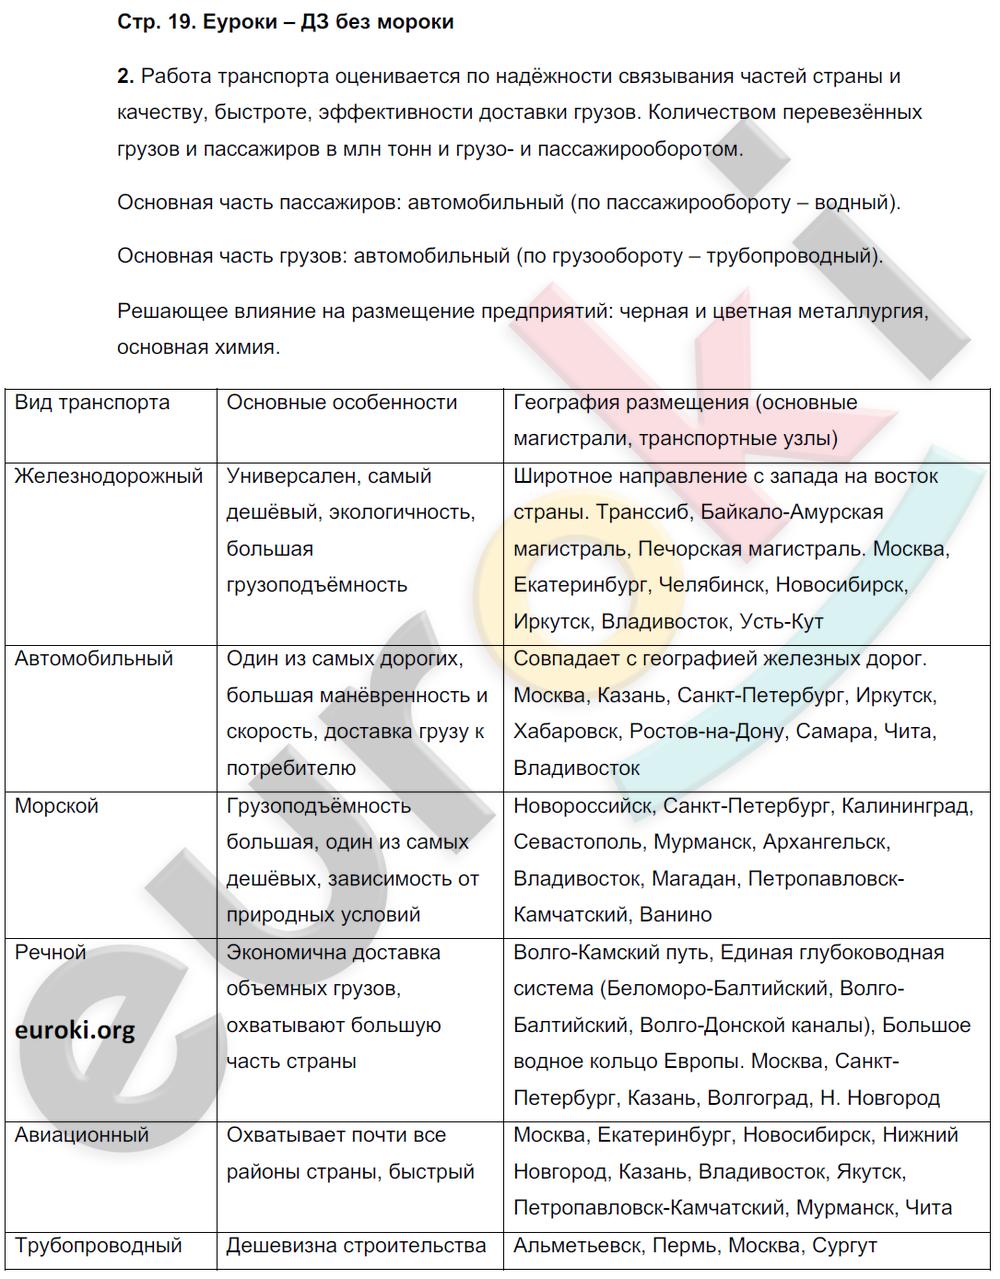 ГДЗ по географии 9 класс рабочая тетрадь Баринова, Суслов. Задание: стр. 19